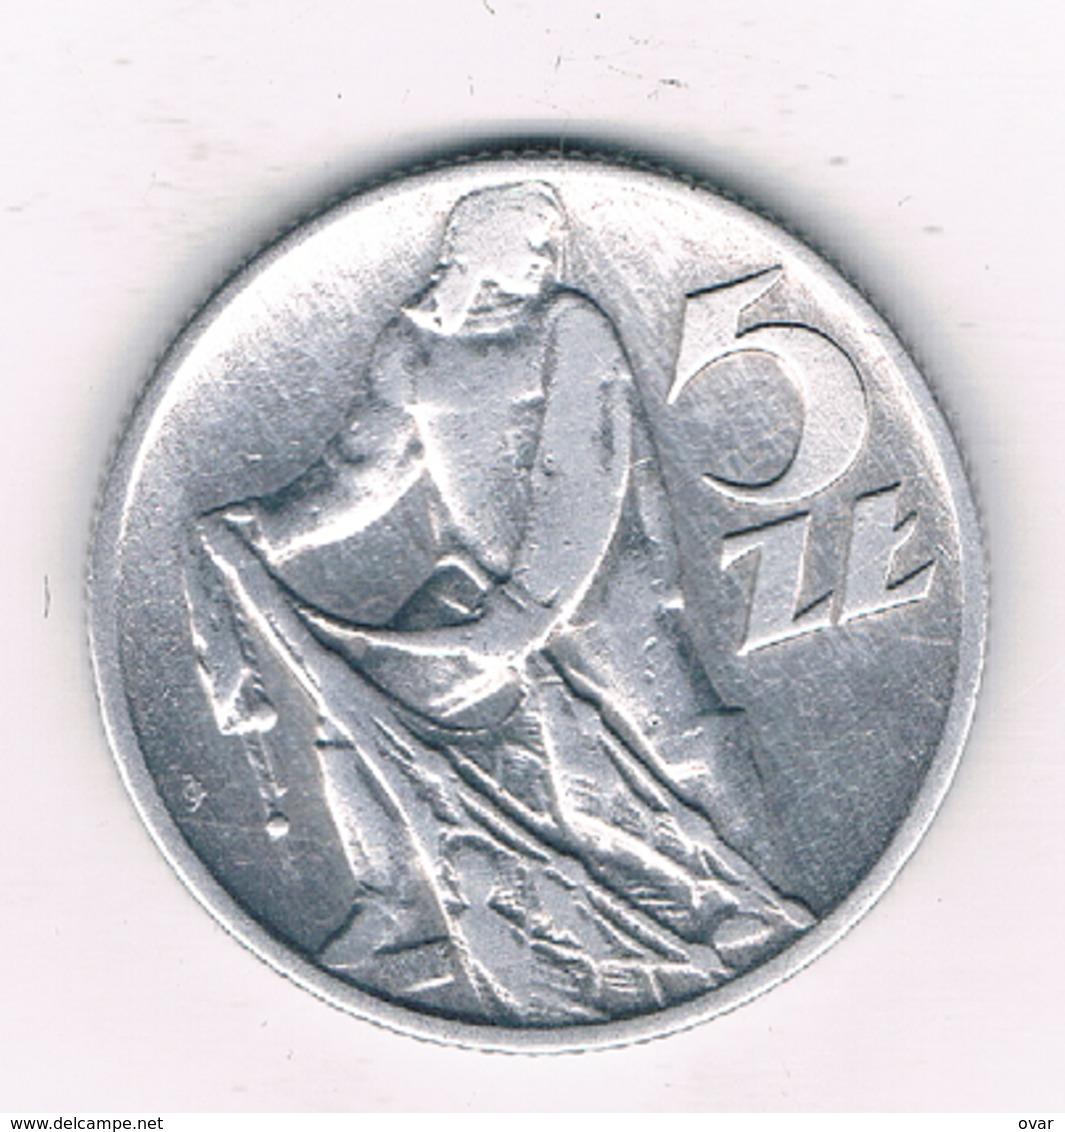 5 ZLOTY 1959 POLEN  /2437/ - Poland